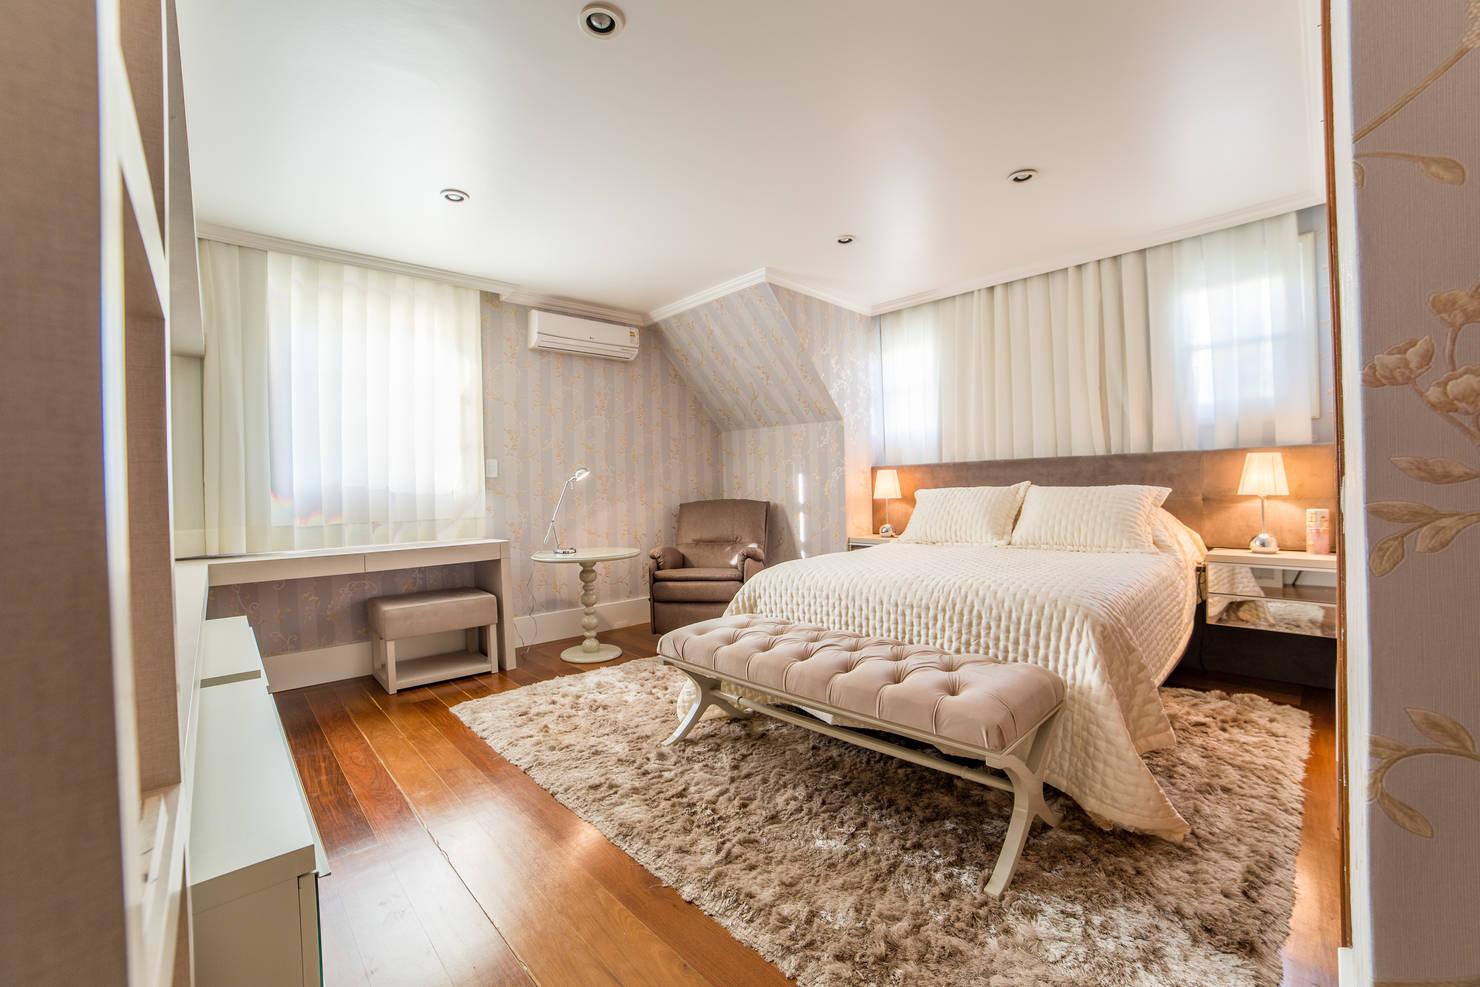 Dormitórios de casal: 14 ideias com cores neutras na decoração